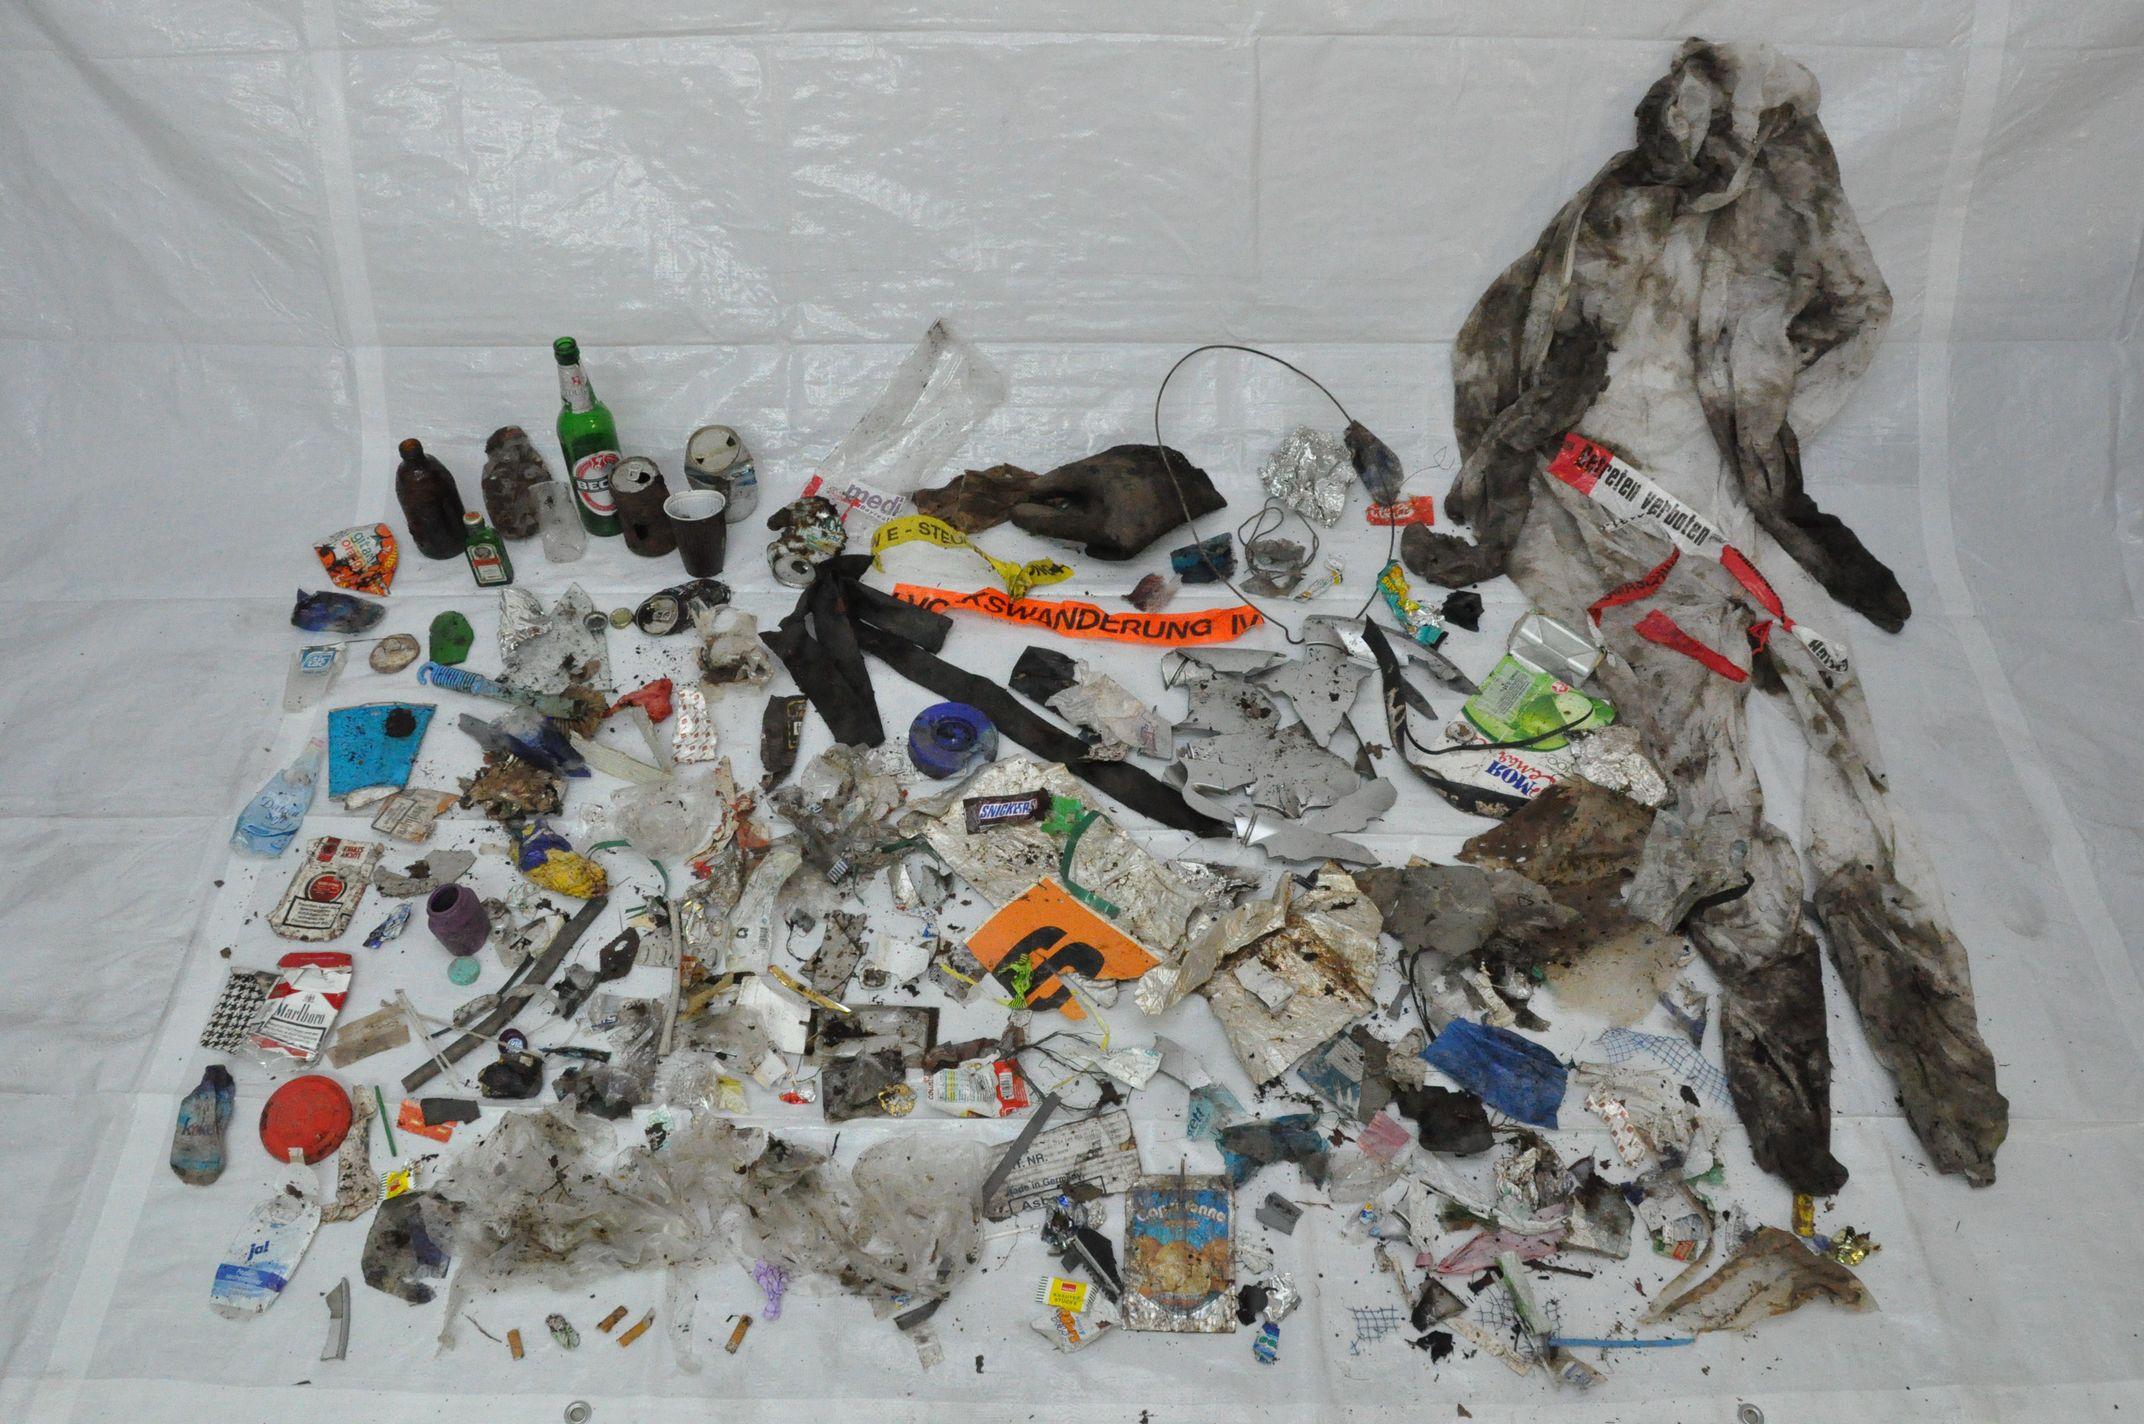 Müllwanderung 01 - Bild der Ausbeute